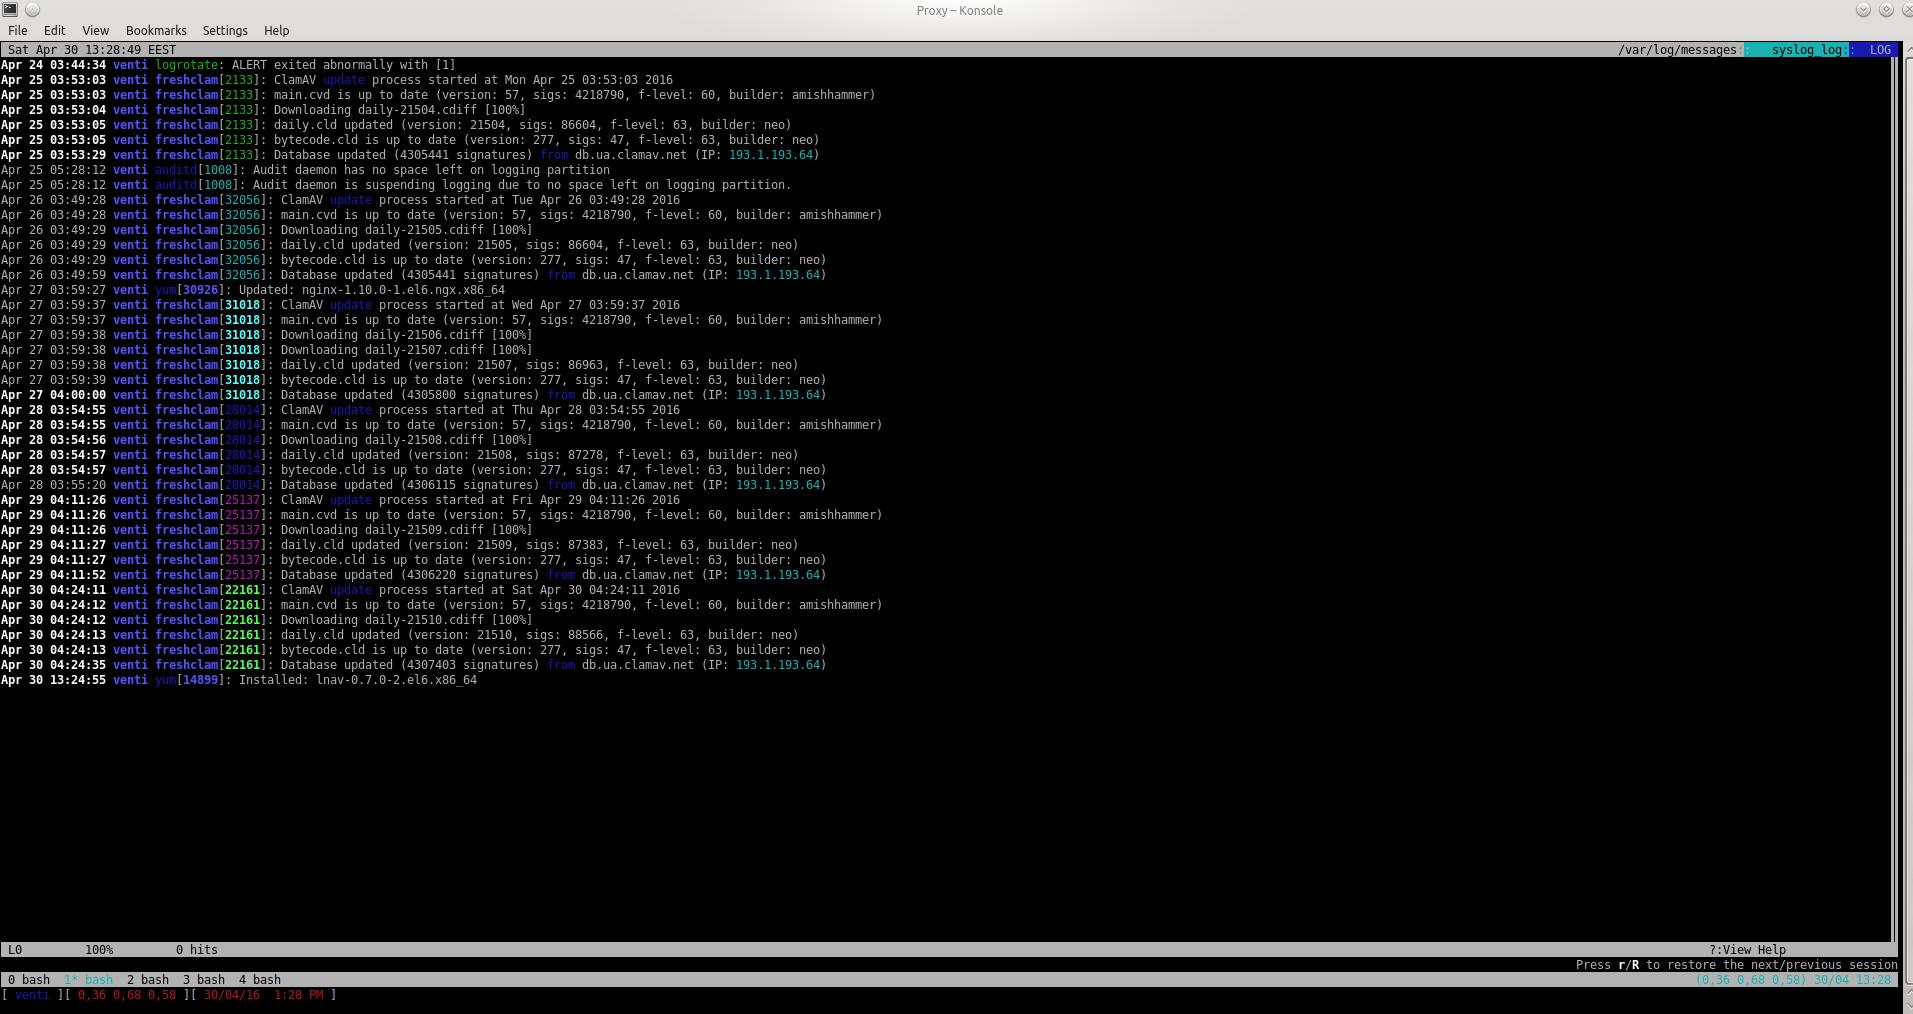 lnav: Log File Navigator — консольная утилита просмотра логов